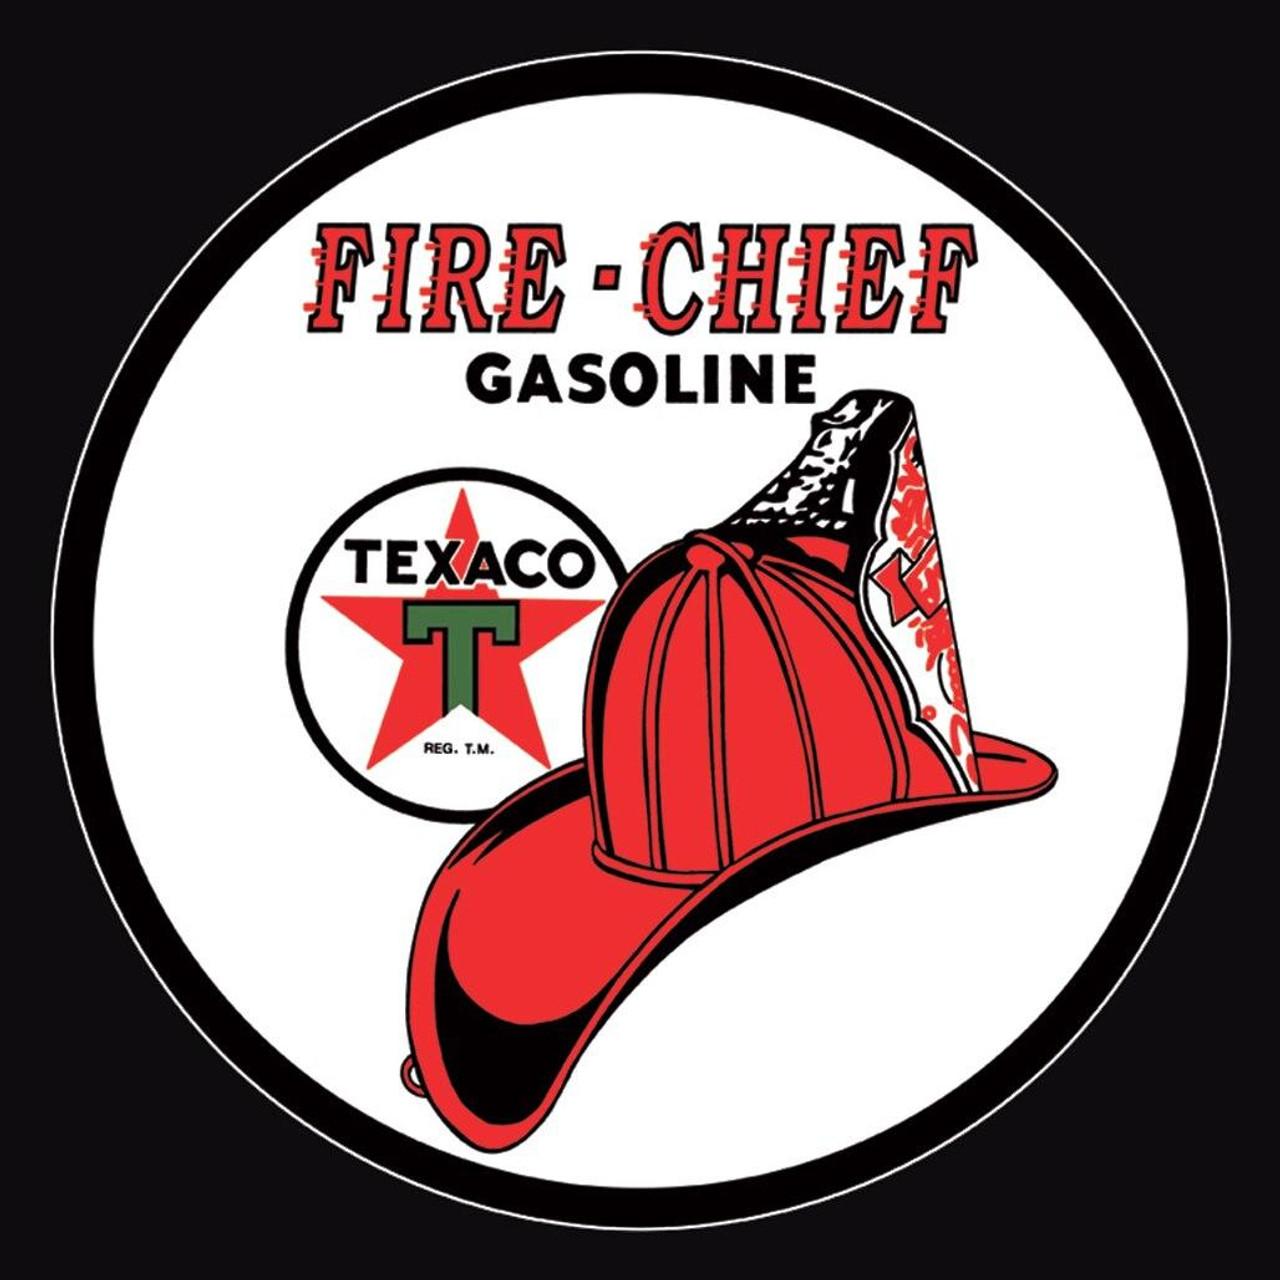 Texaco Texaco/Fire Chief